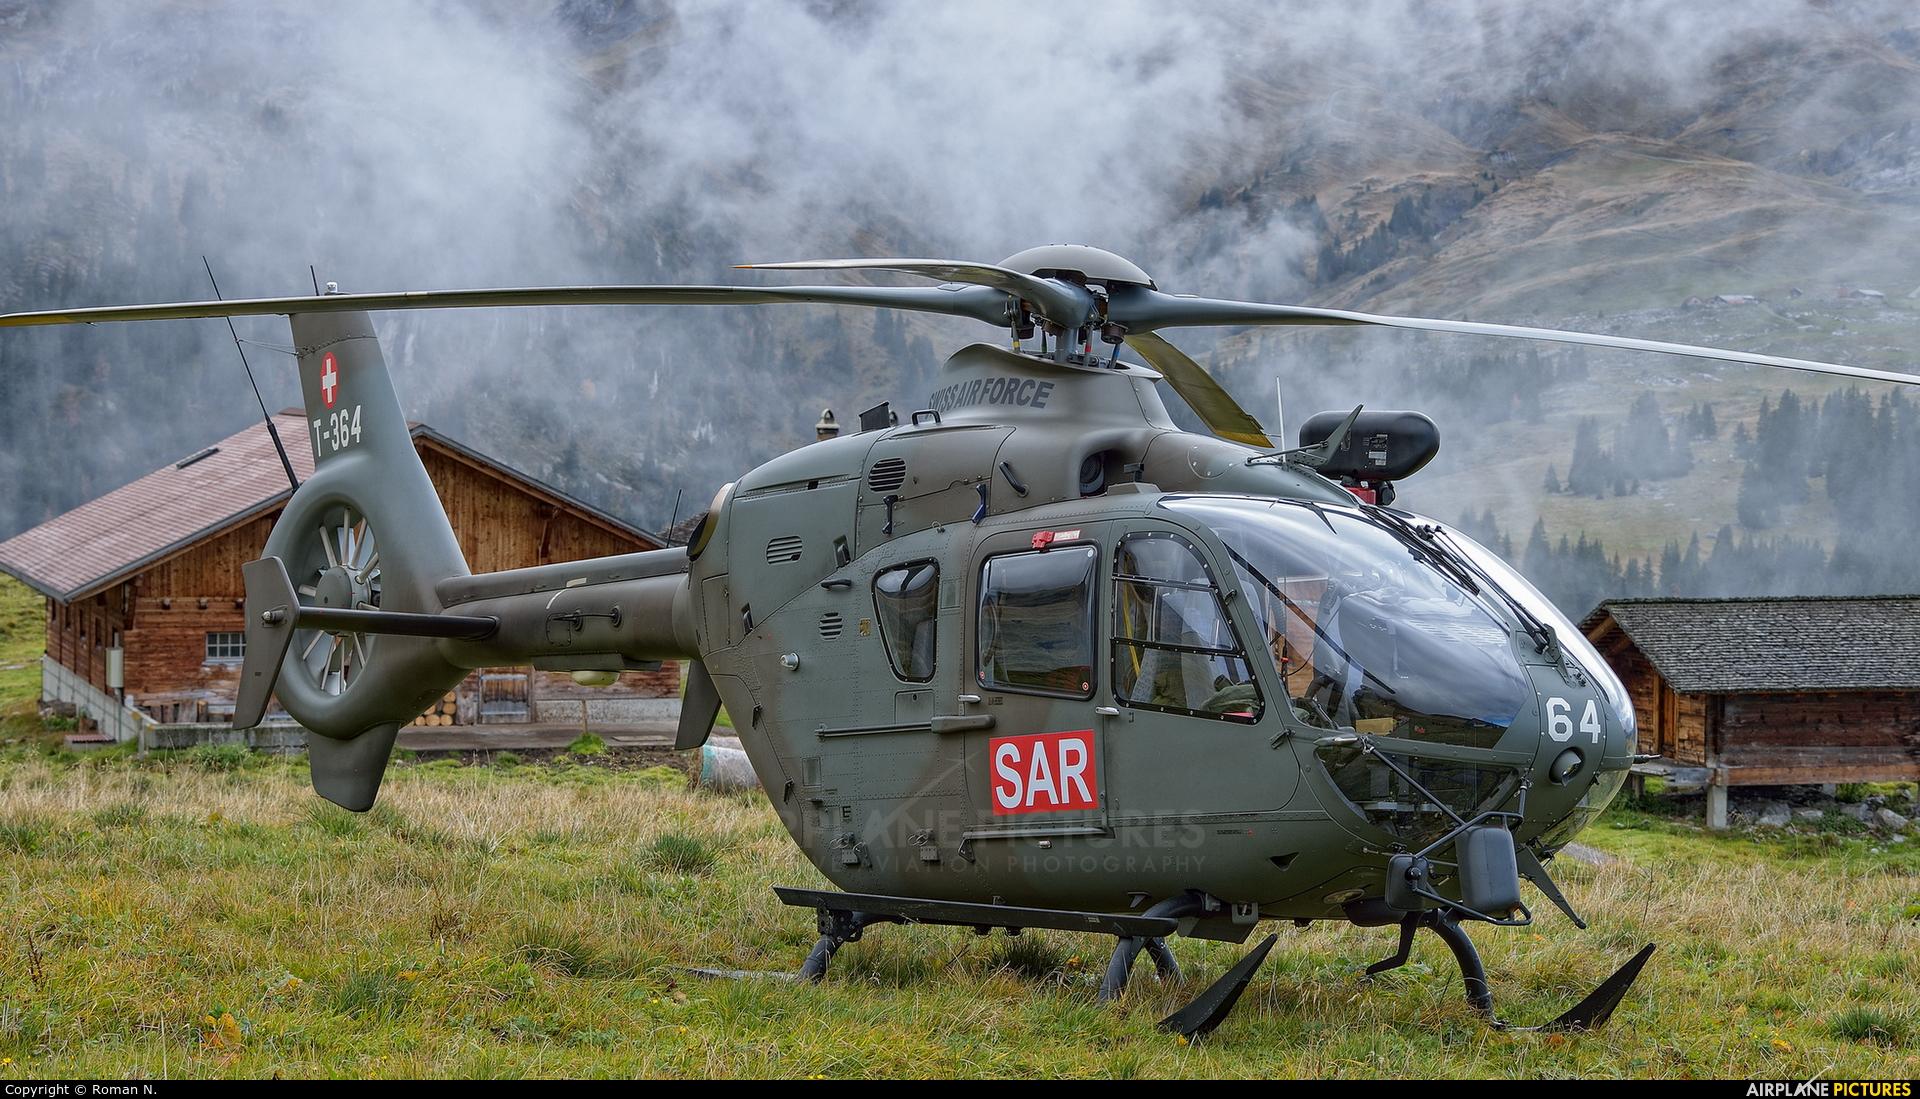 Switzerland - Air Force T-364 aircraft at Axalp - Ebenfluh Range